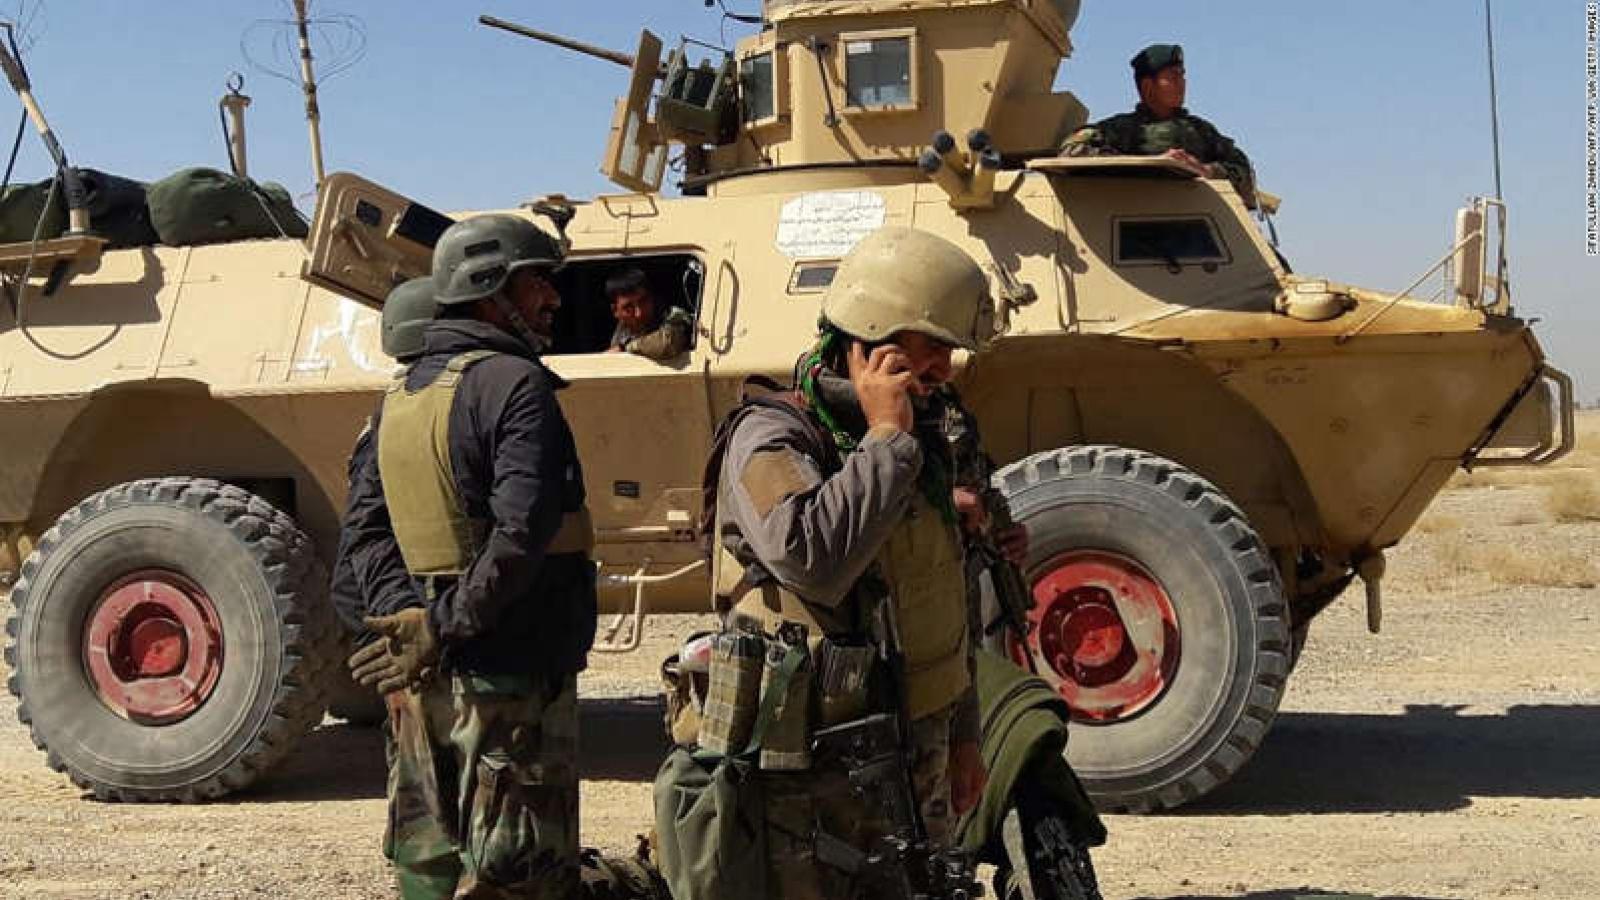 Mỹ rút quân hoàn toàn: Chính phủ Afghanistan có nguy cơ sụp đổ trong 6 tháng?